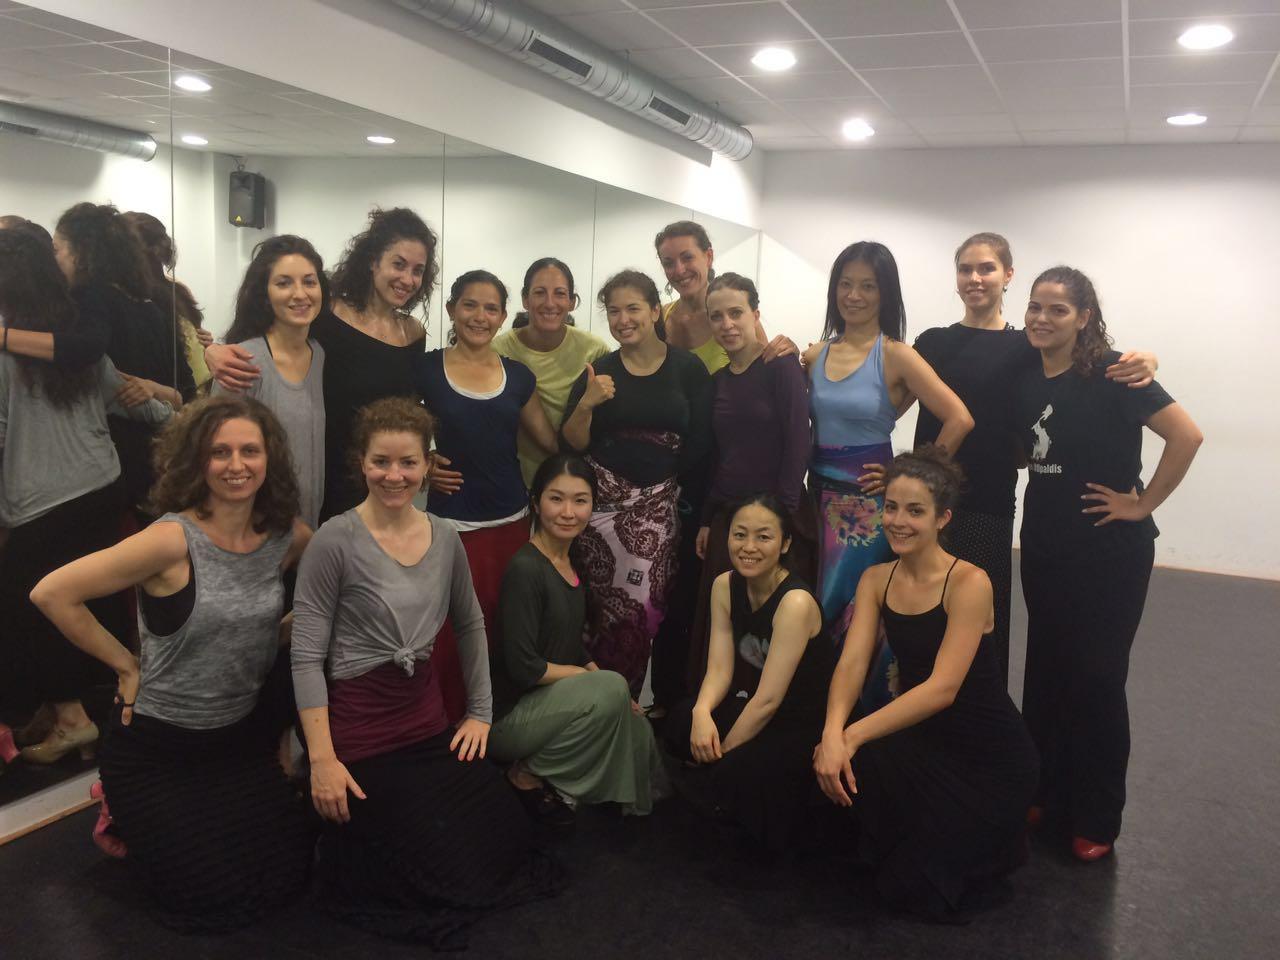 Flamenco Danza Clases Baile Sevilla (9)